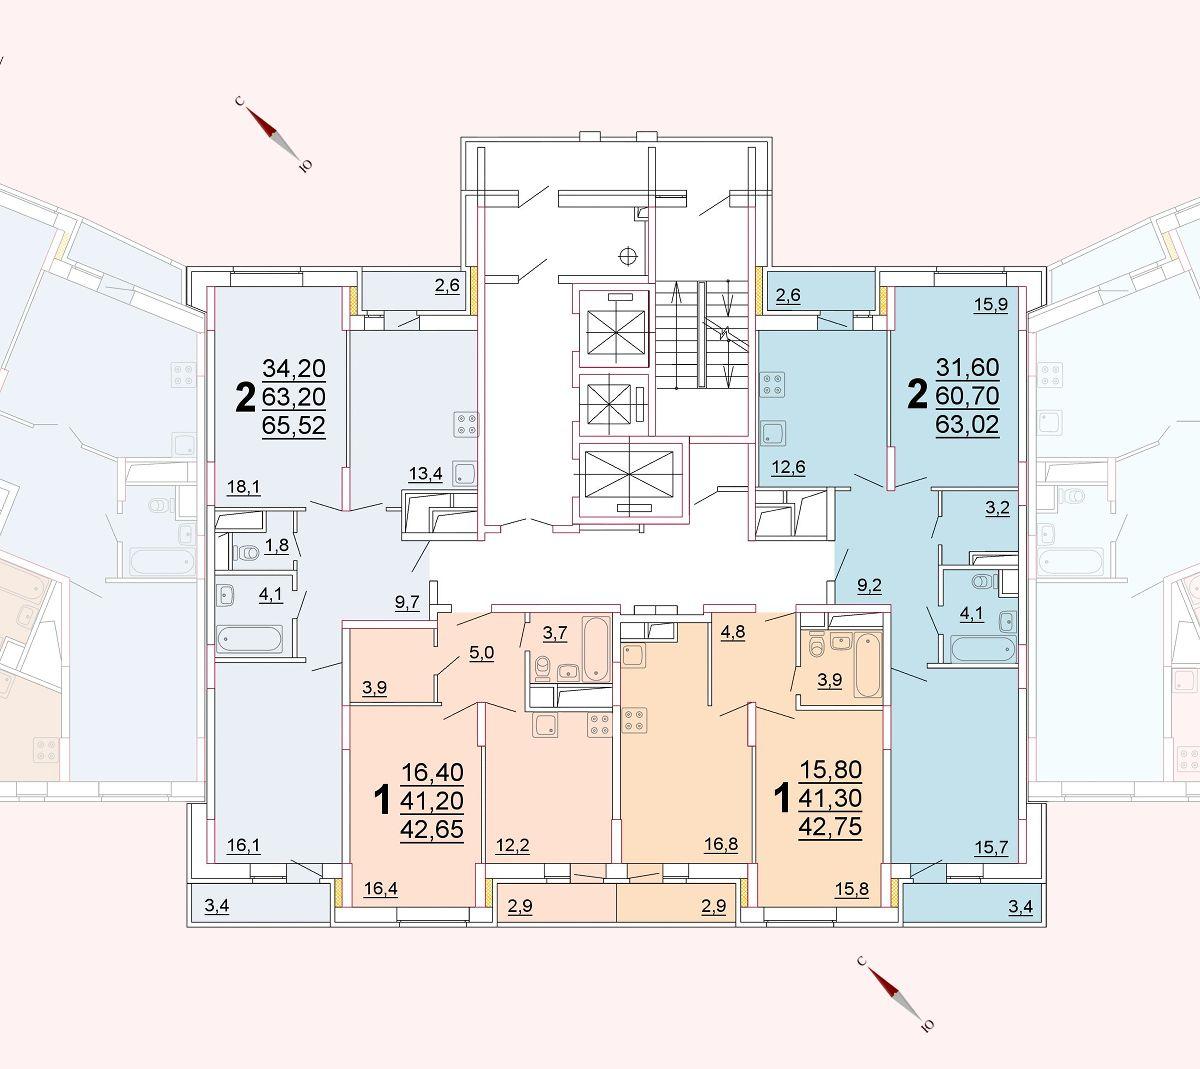 Микрорайон «Центральный», корпус 52г, секция 2, этаж/этажи 3-5